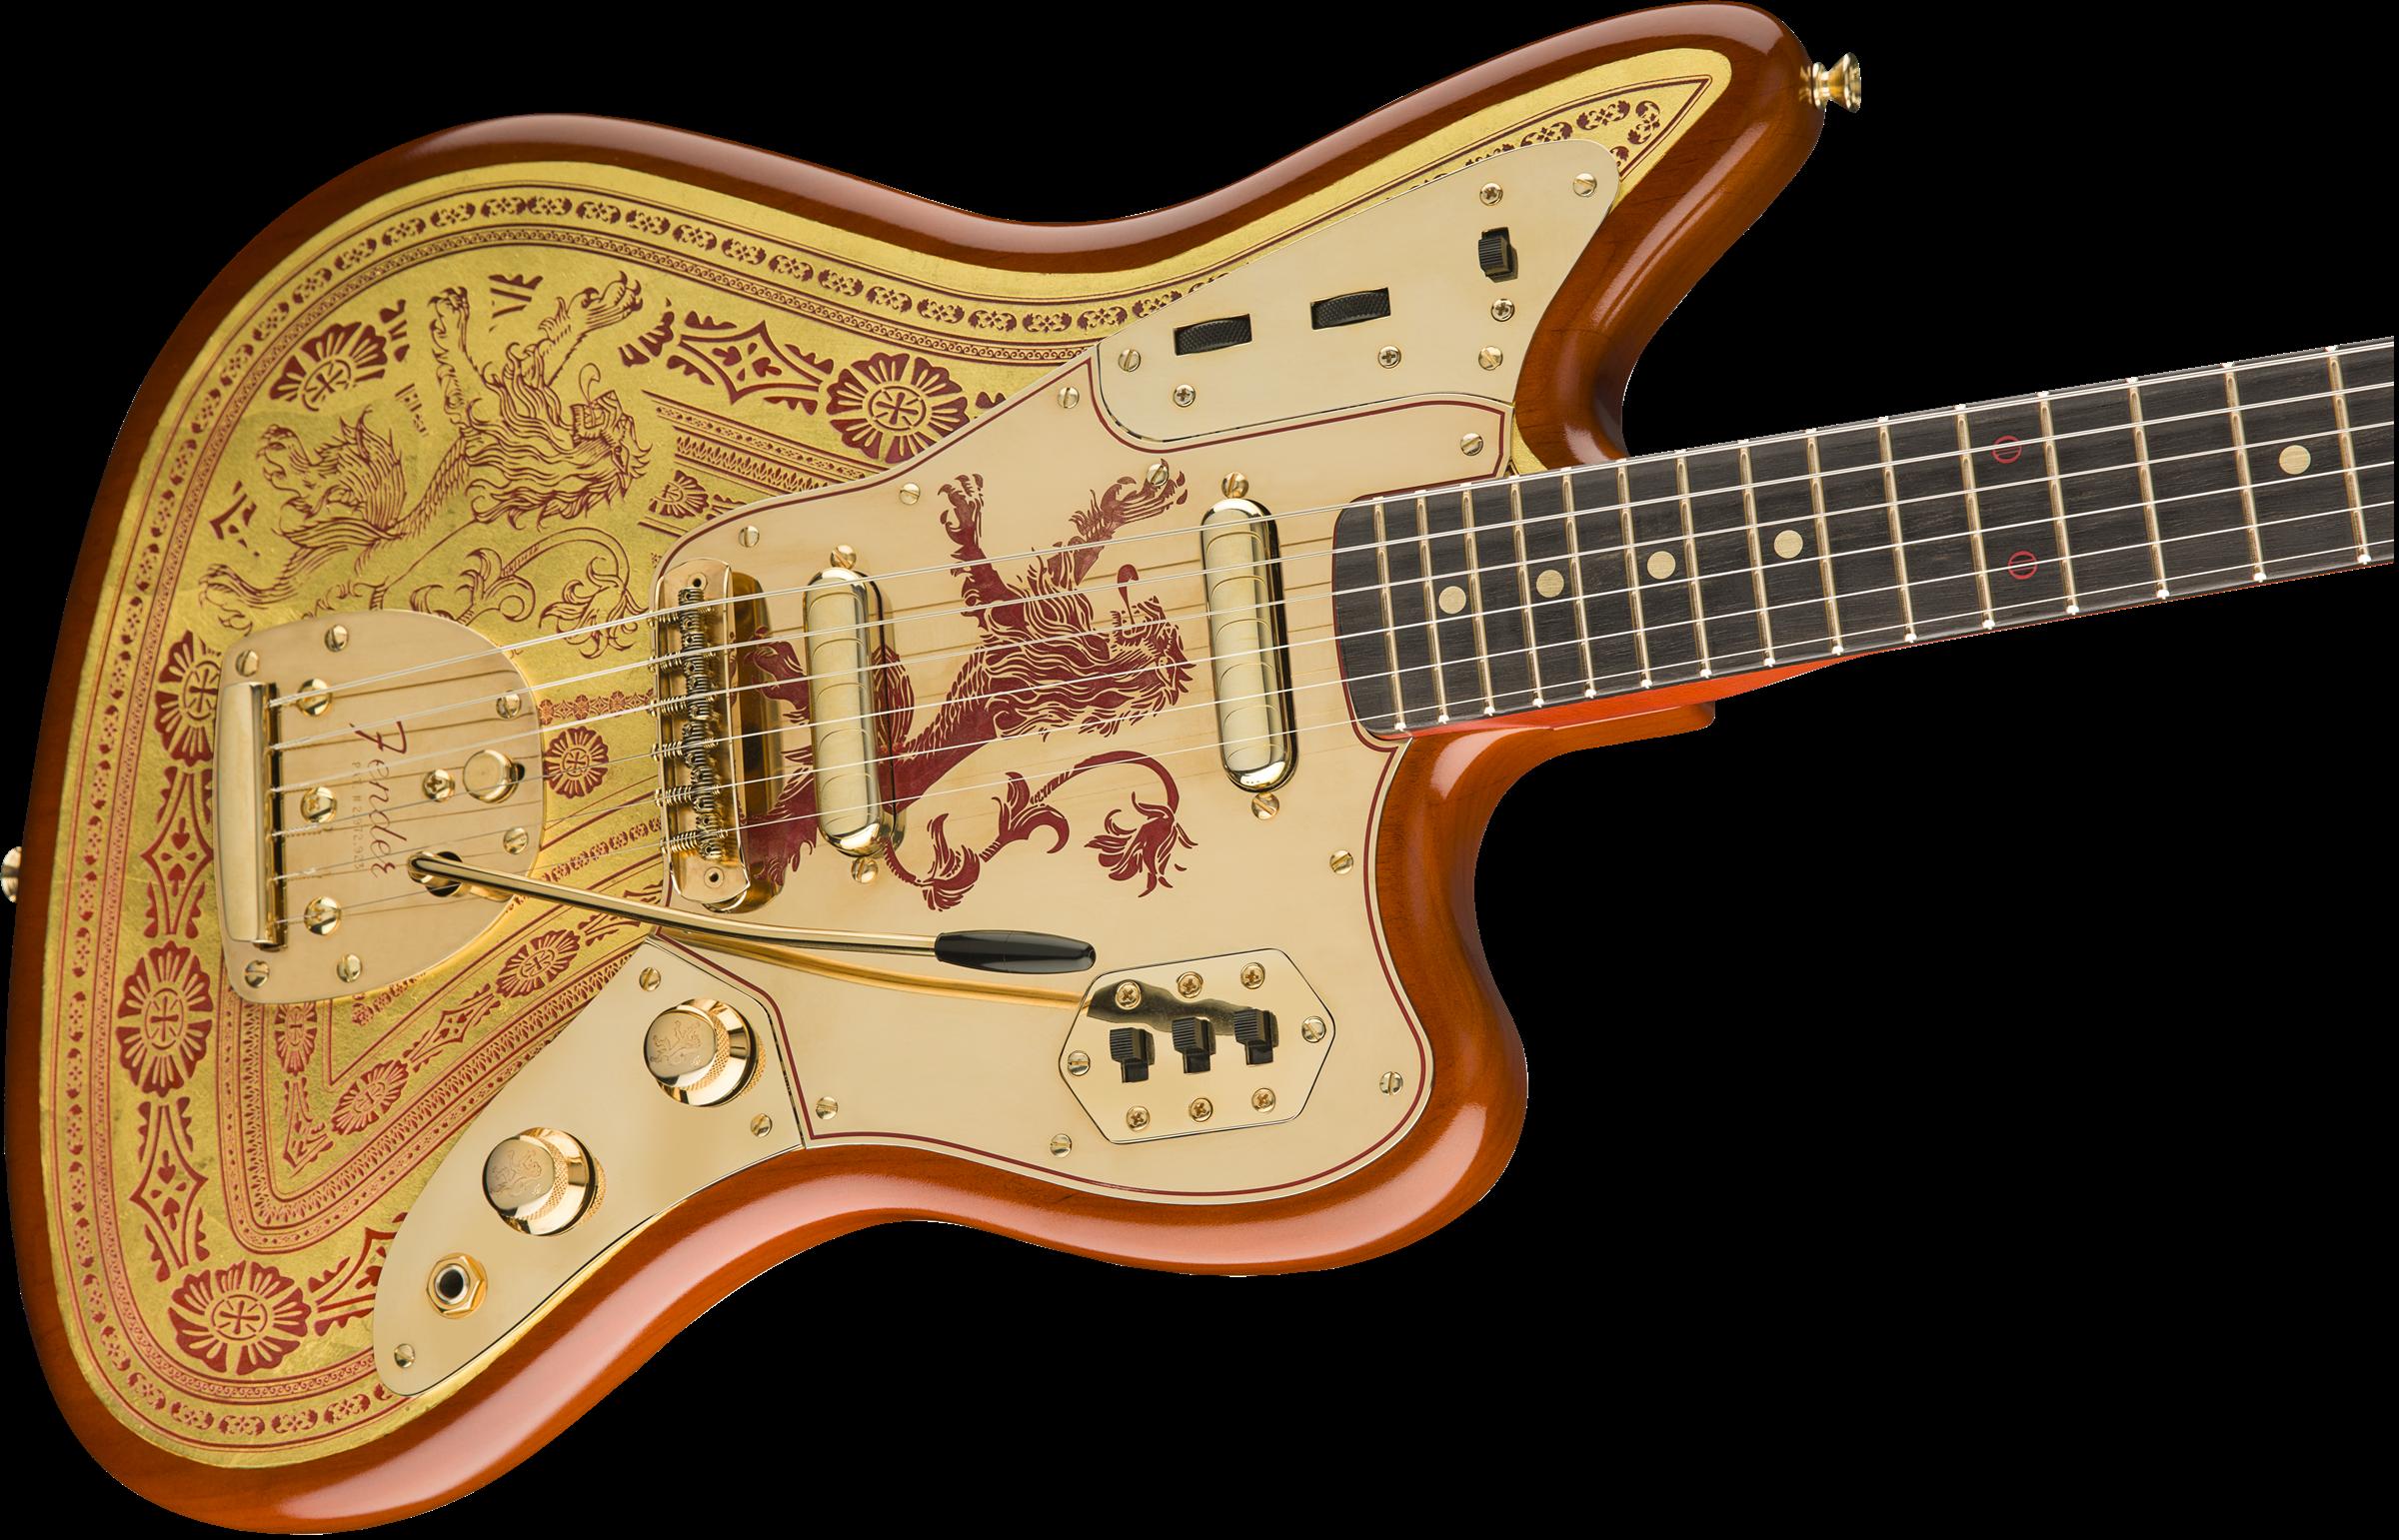 game of thrones house lannister jaguar jaguar electric guitars fender guitars. Black Bedroom Furniture Sets. Home Design Ideas